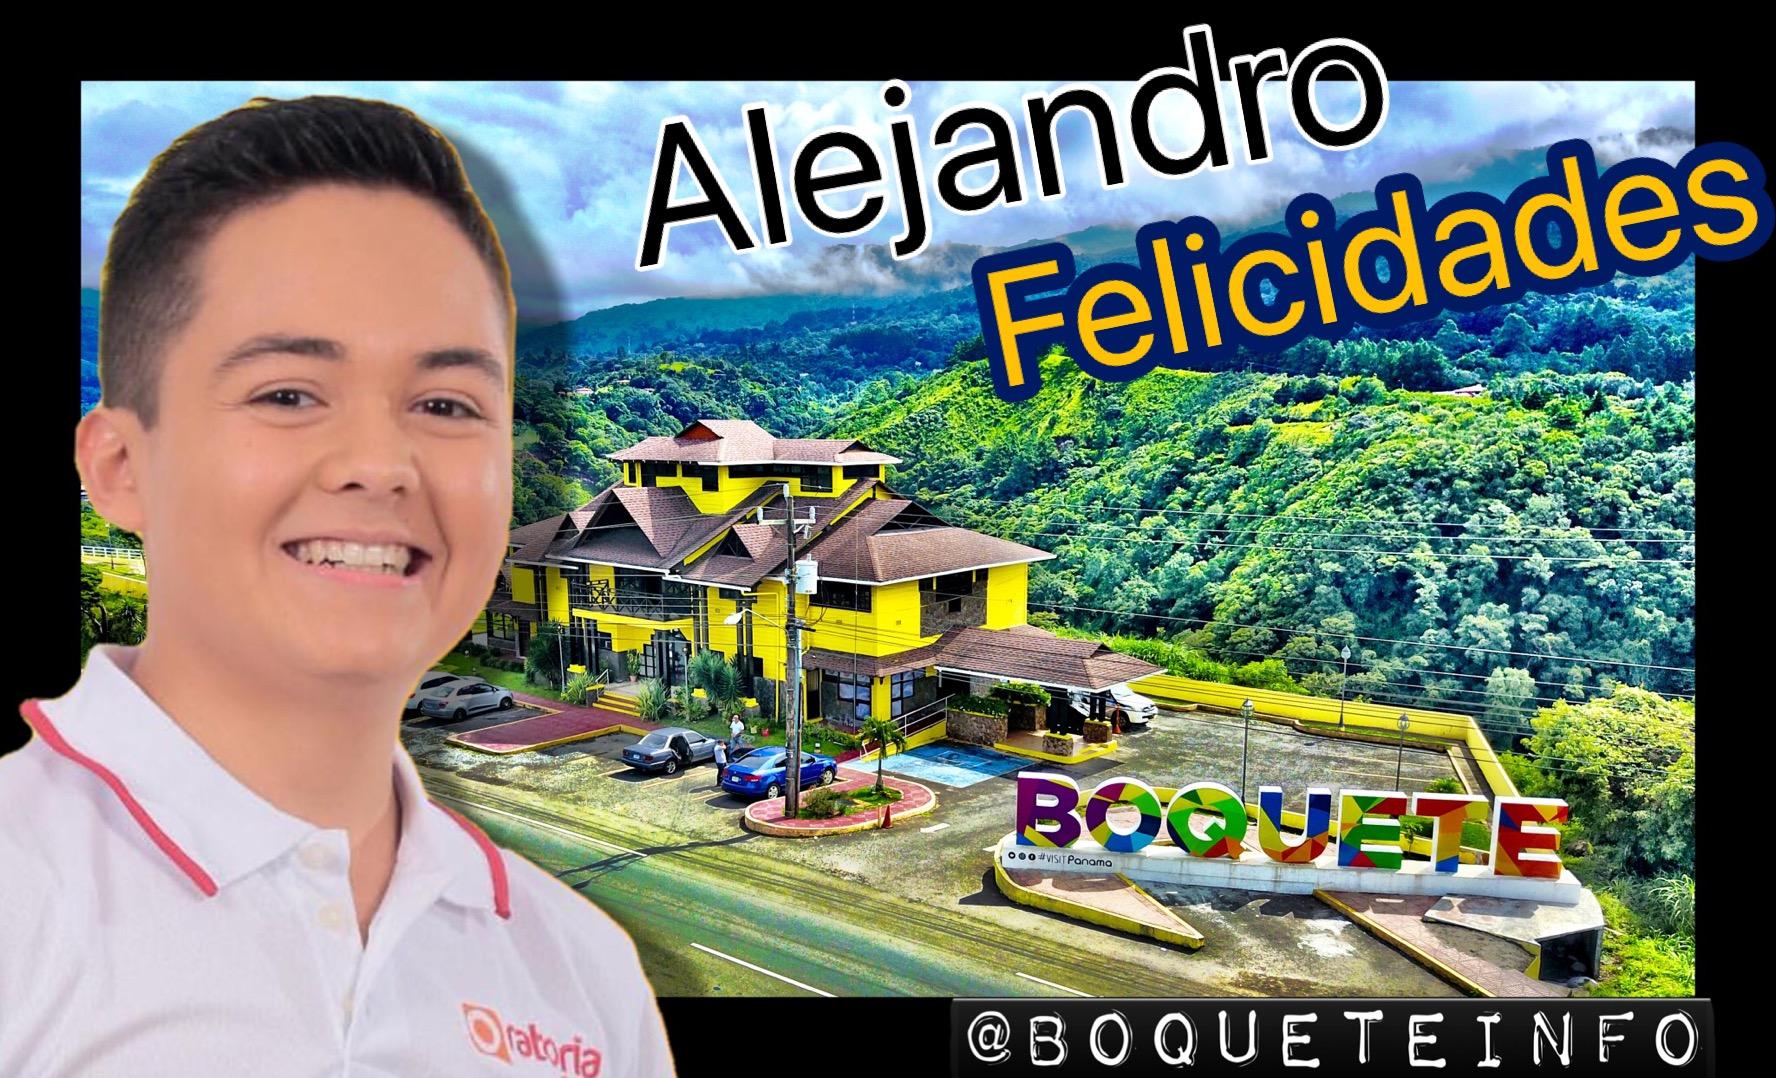 Alejandro_Moreno